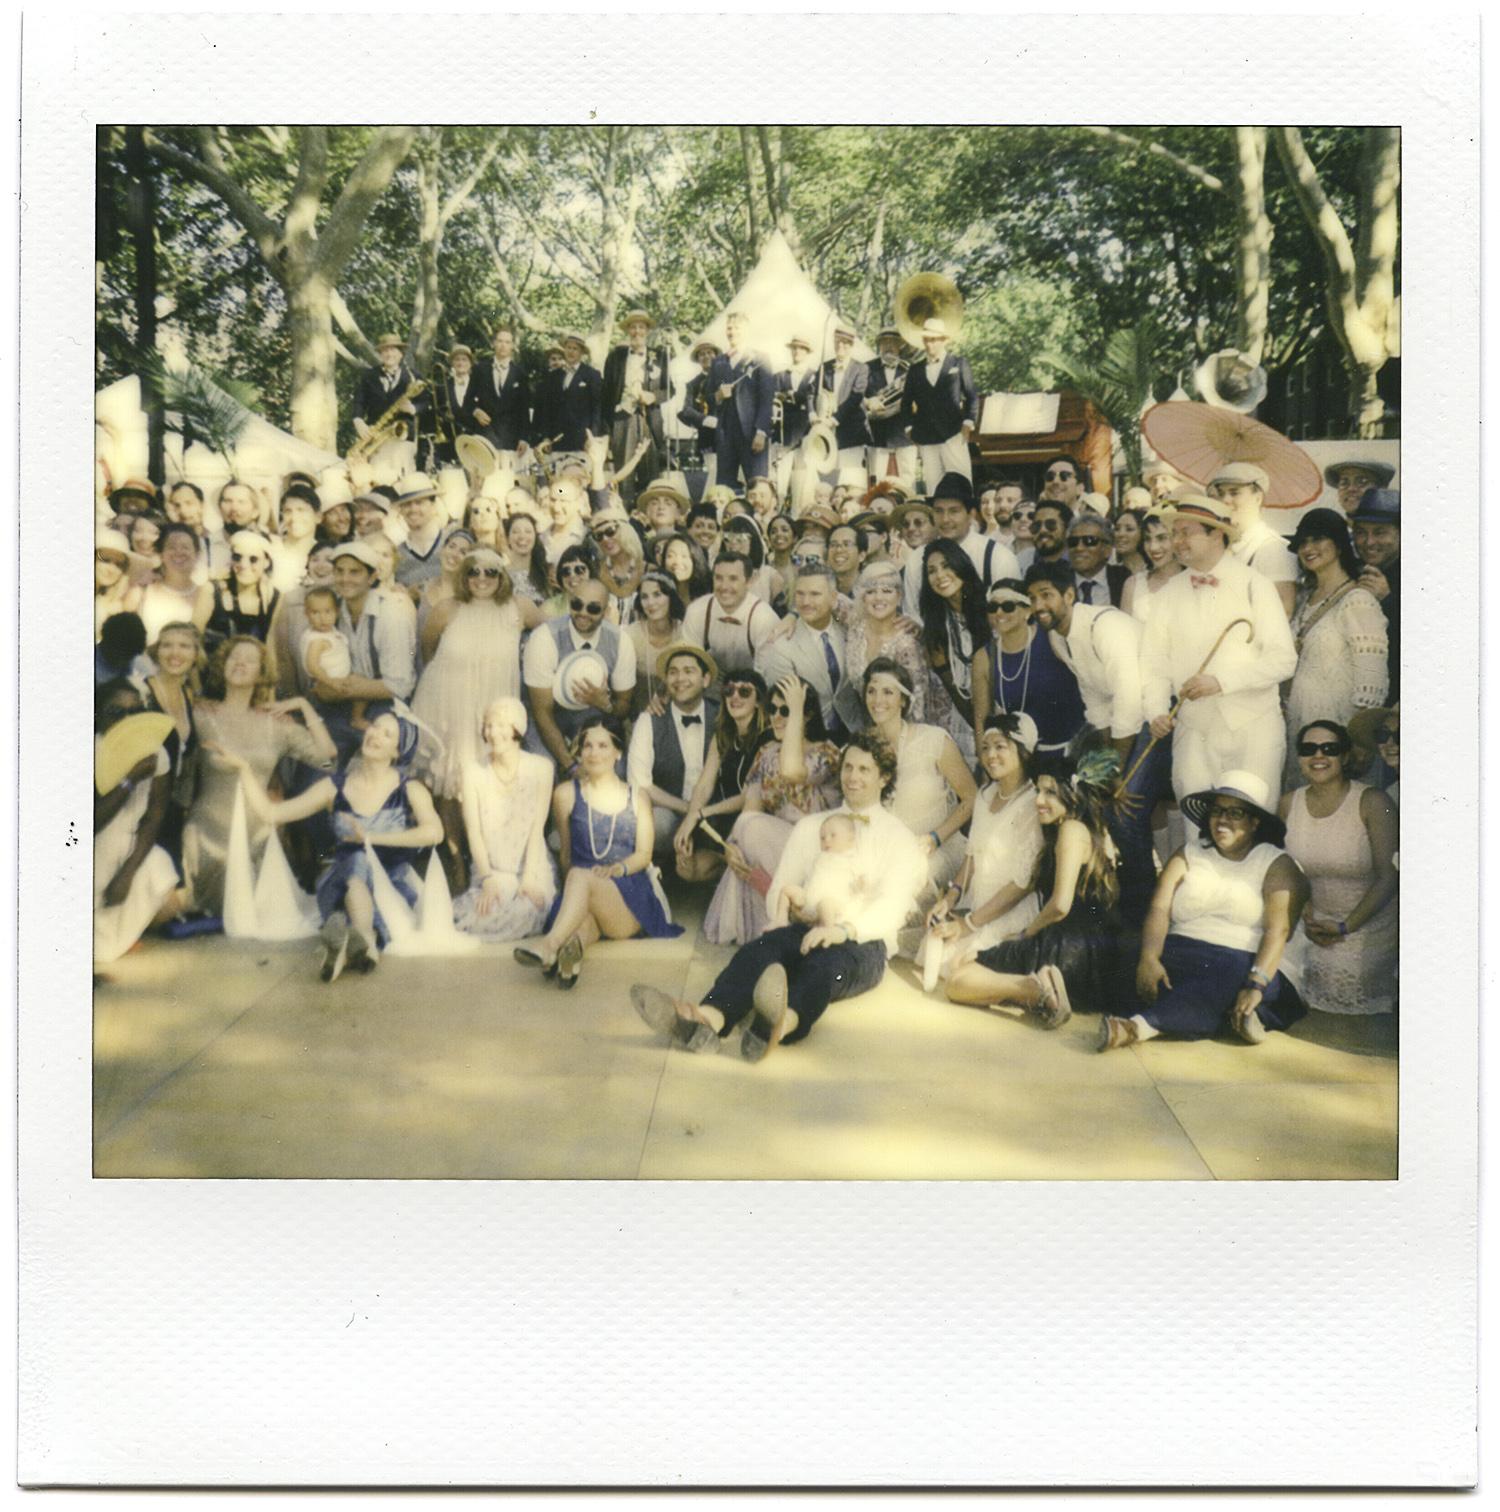 Jazz Age Lawn Party 2016 - Polaroid Spectra (IP 600 Color Gen2)